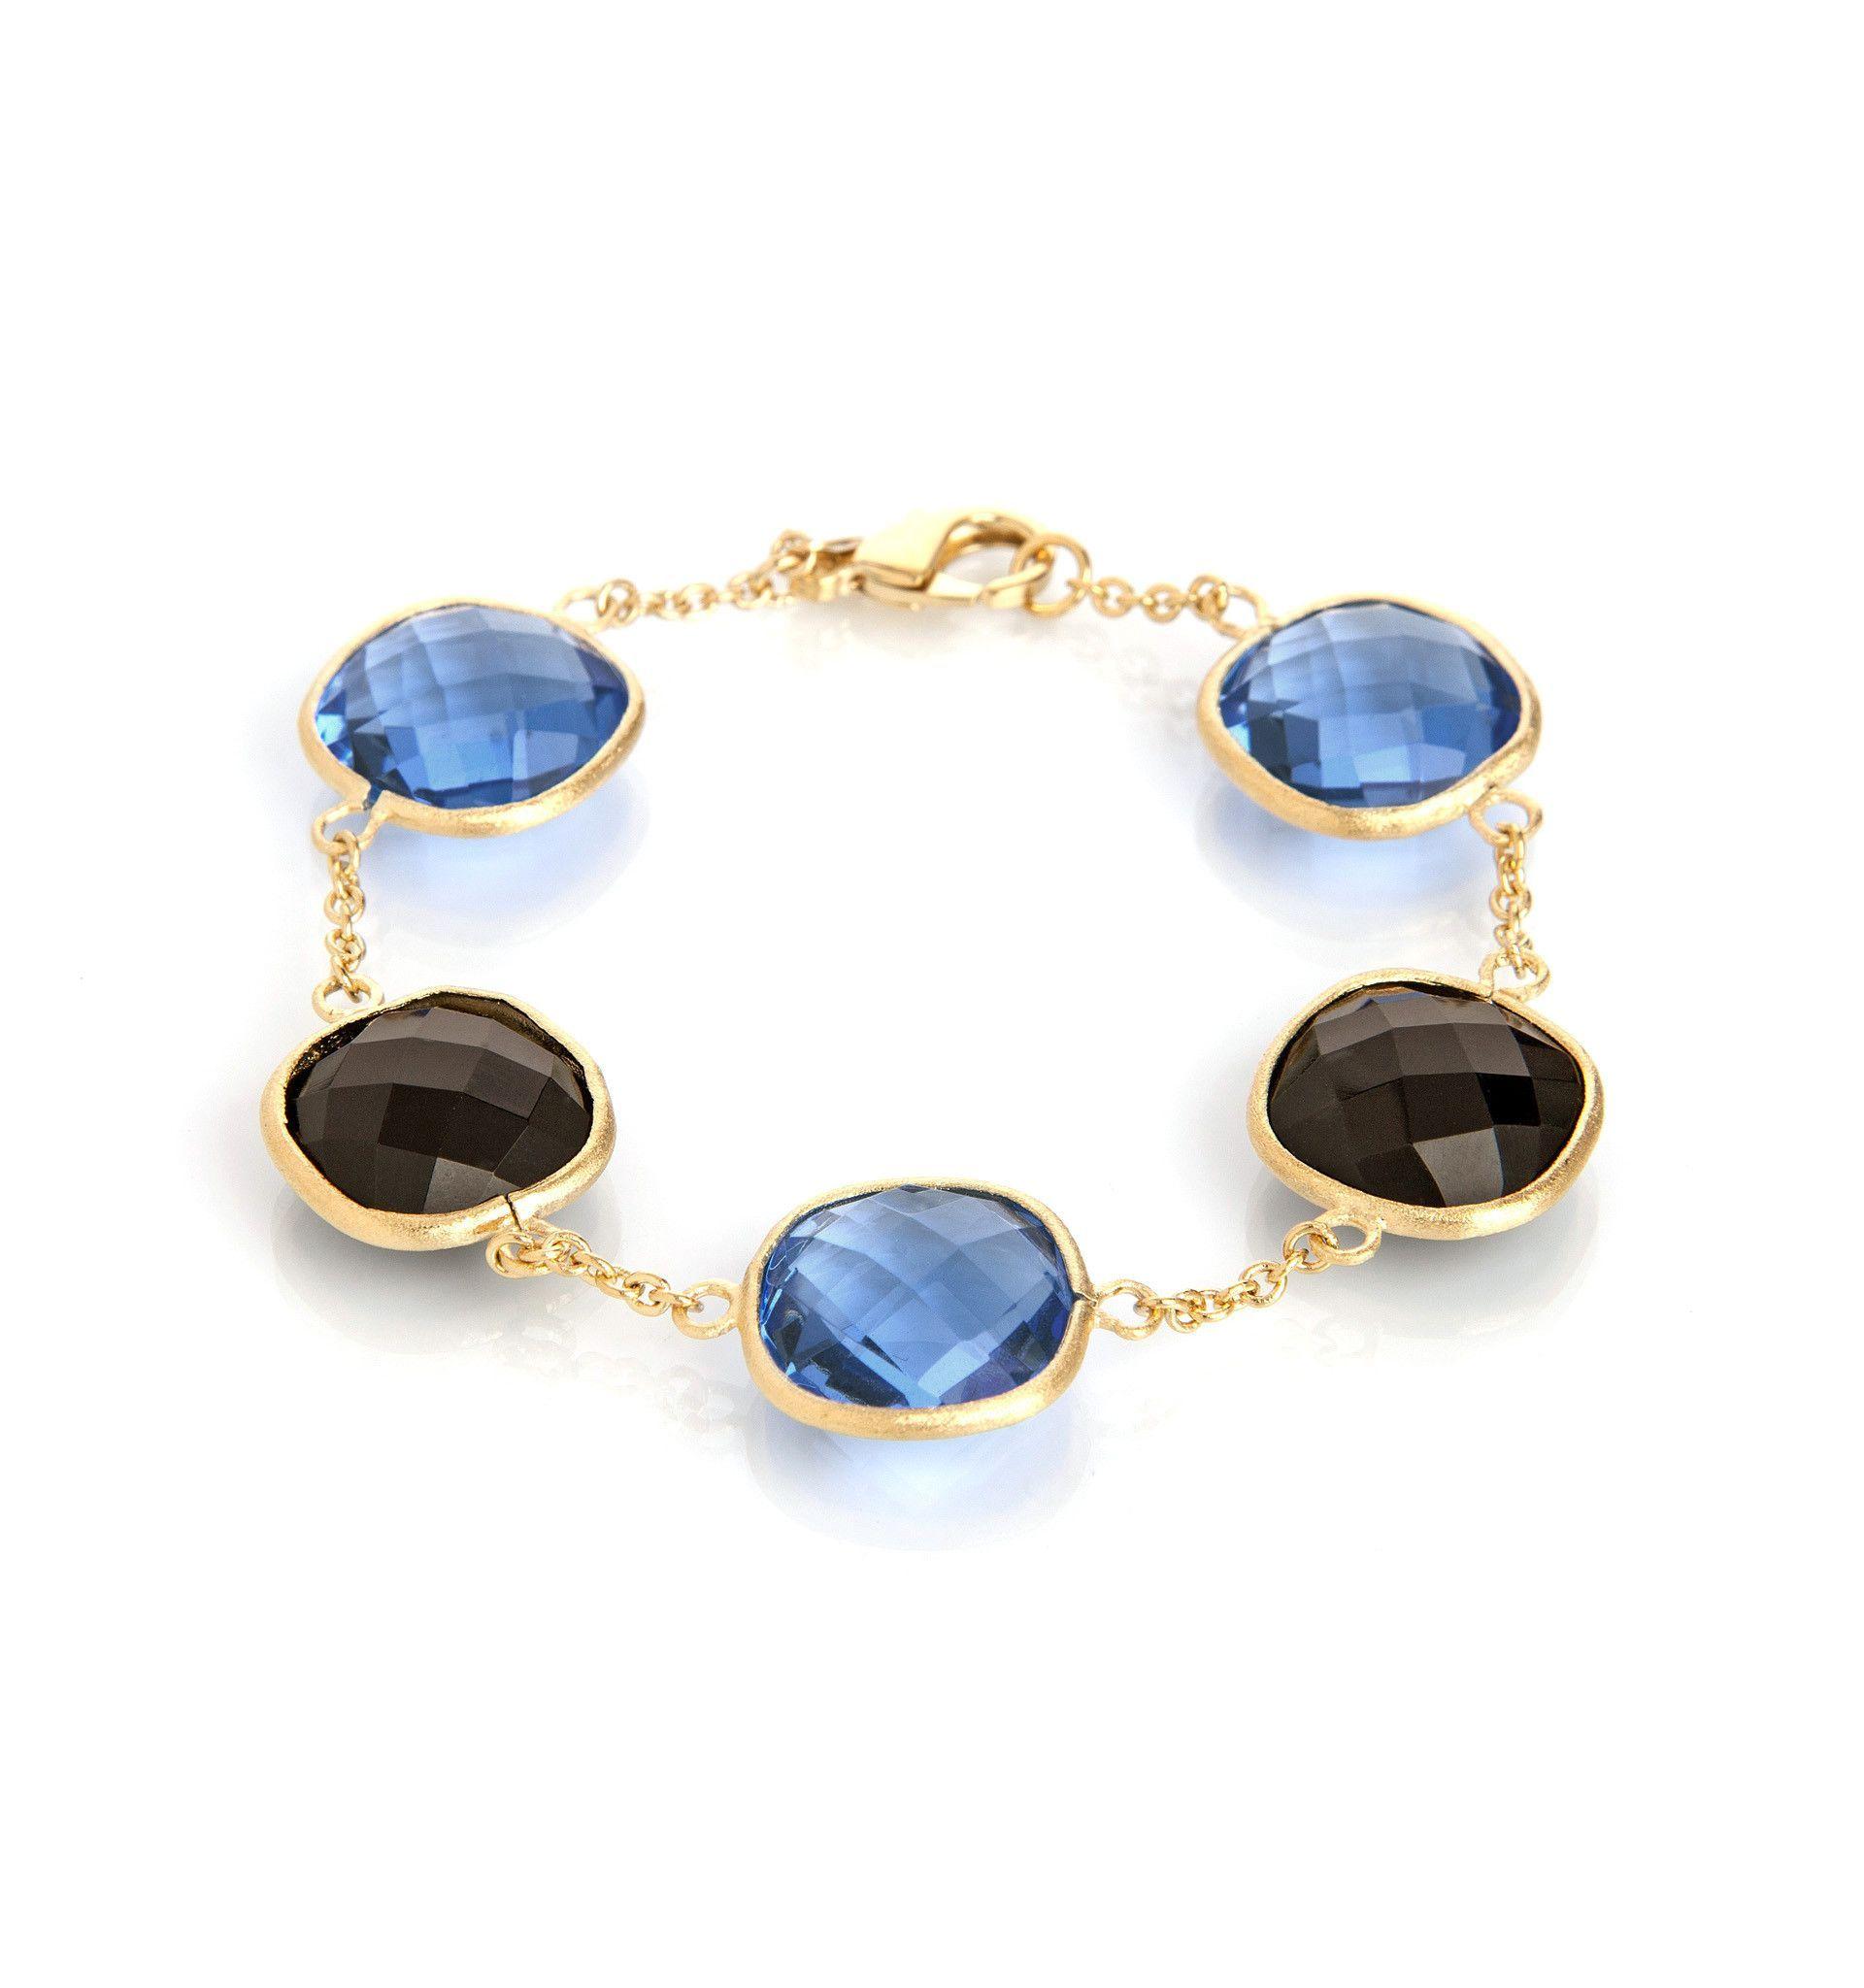 Swiss Blue & Smokey Chain Bracelet